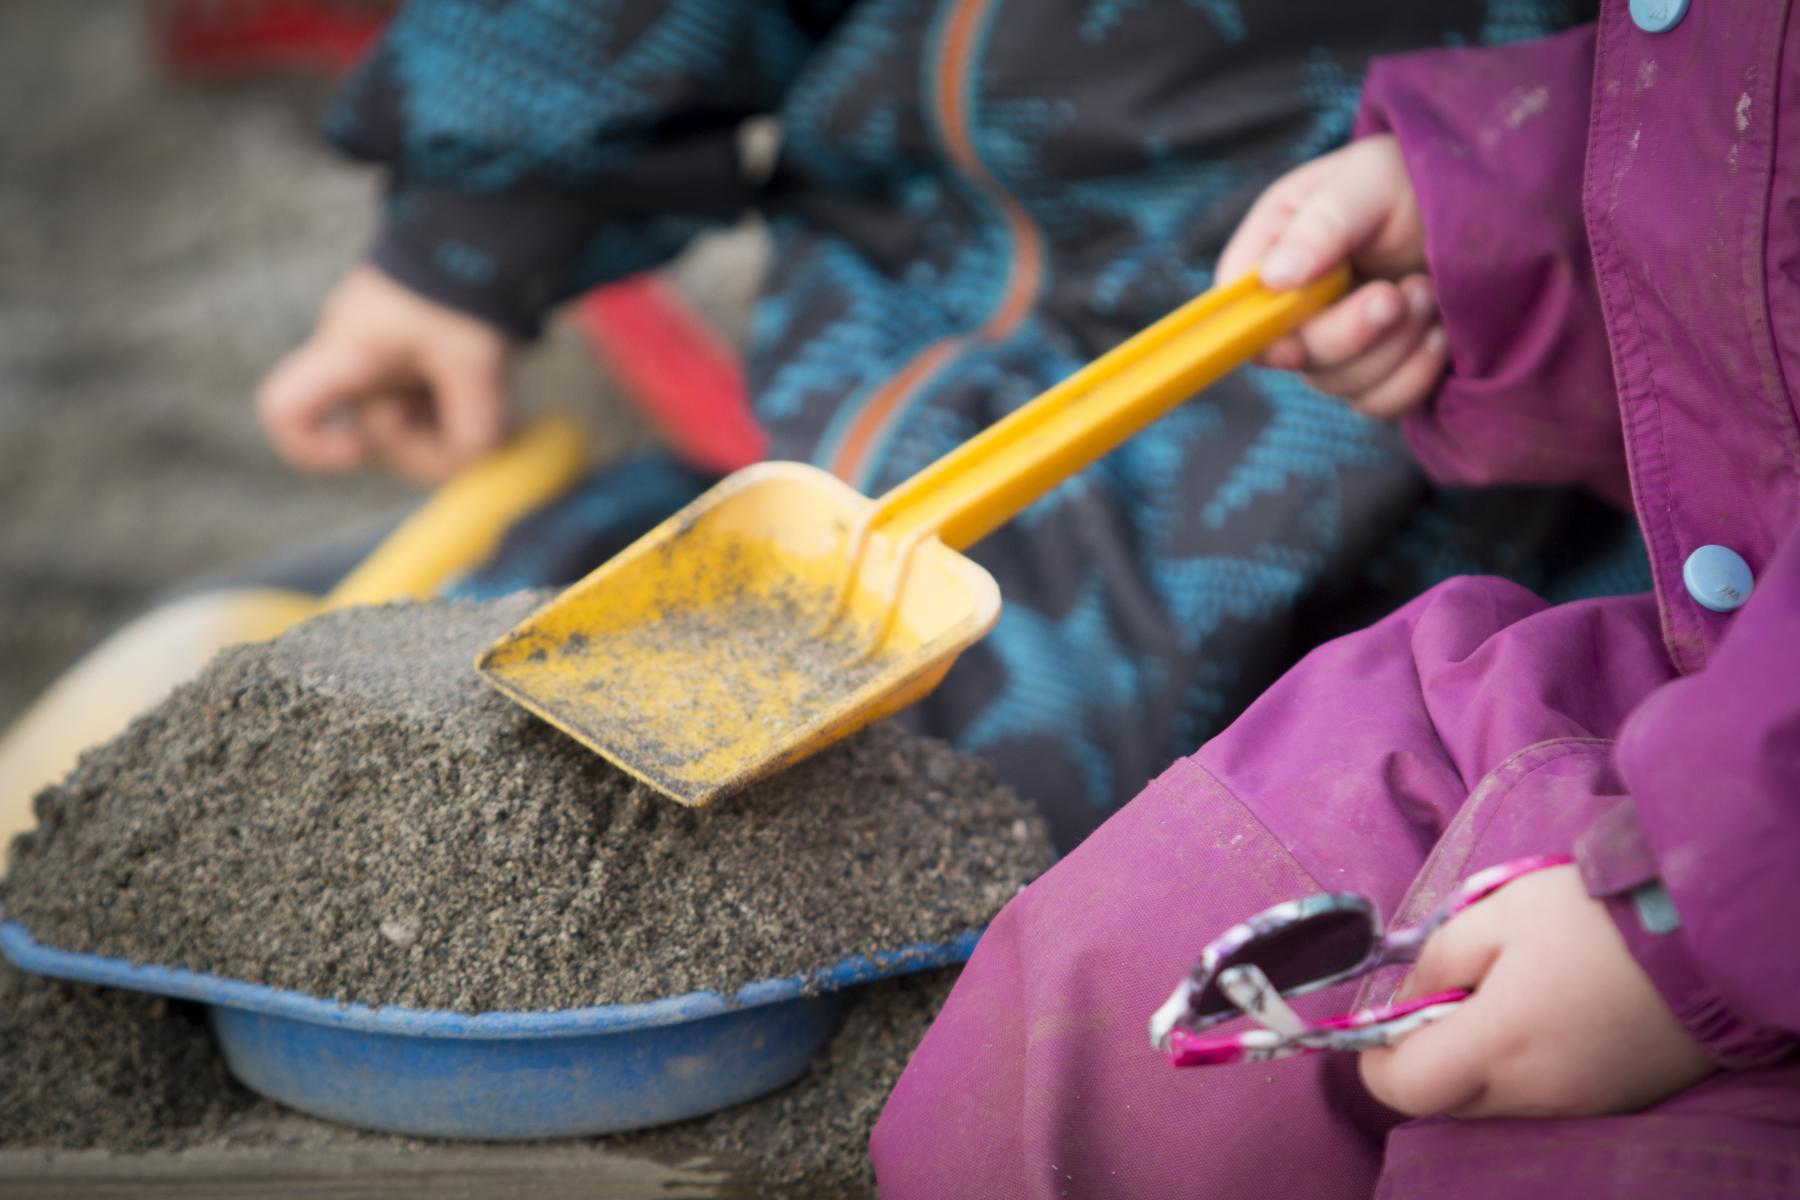 Barn som leiker med spade i sandkasse. Bilete.